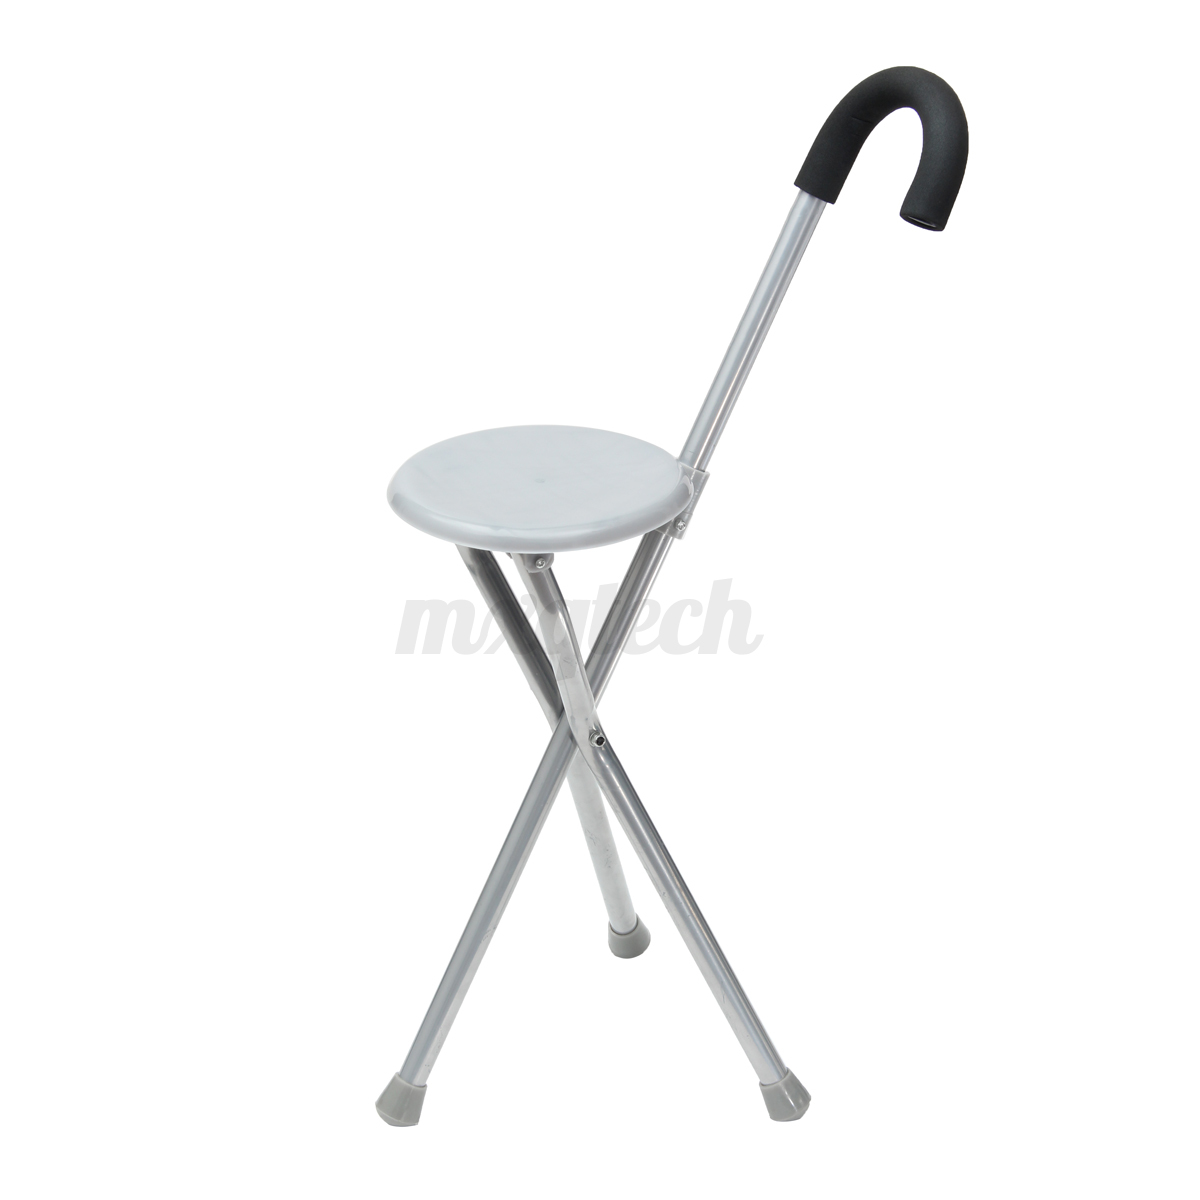 Folding Tripod Cane Hiking Chair Portable Walking Stick